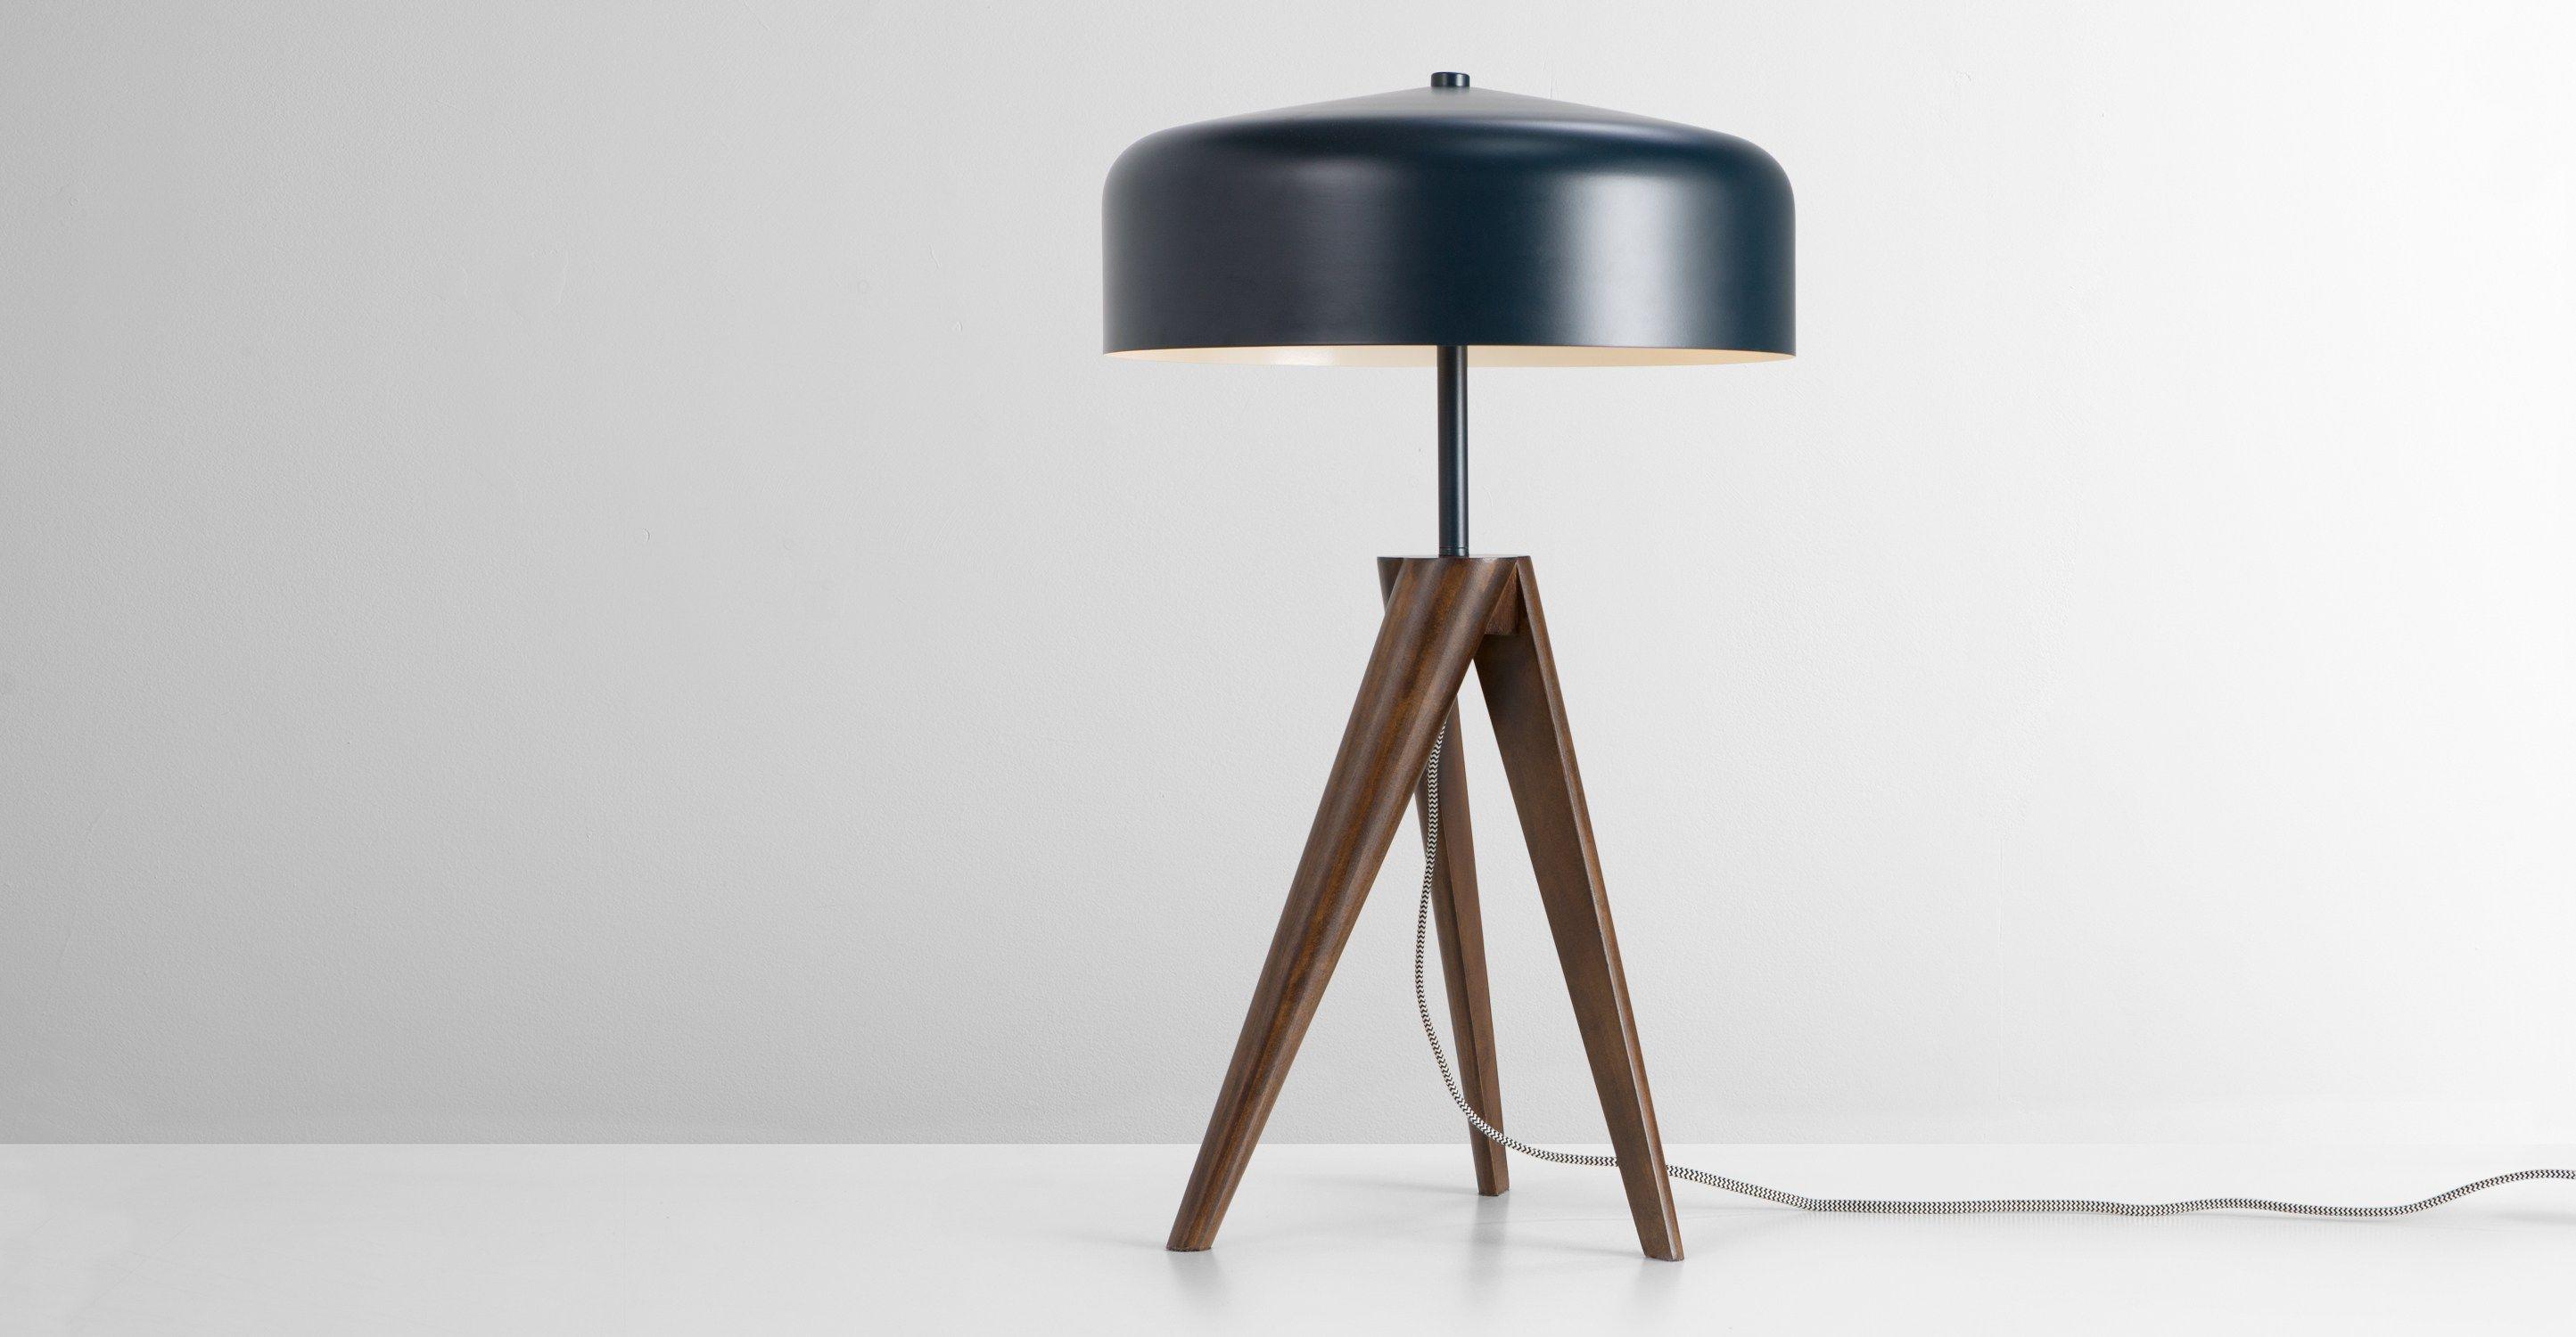 Madison lampe de table bleu marine et bois foncé